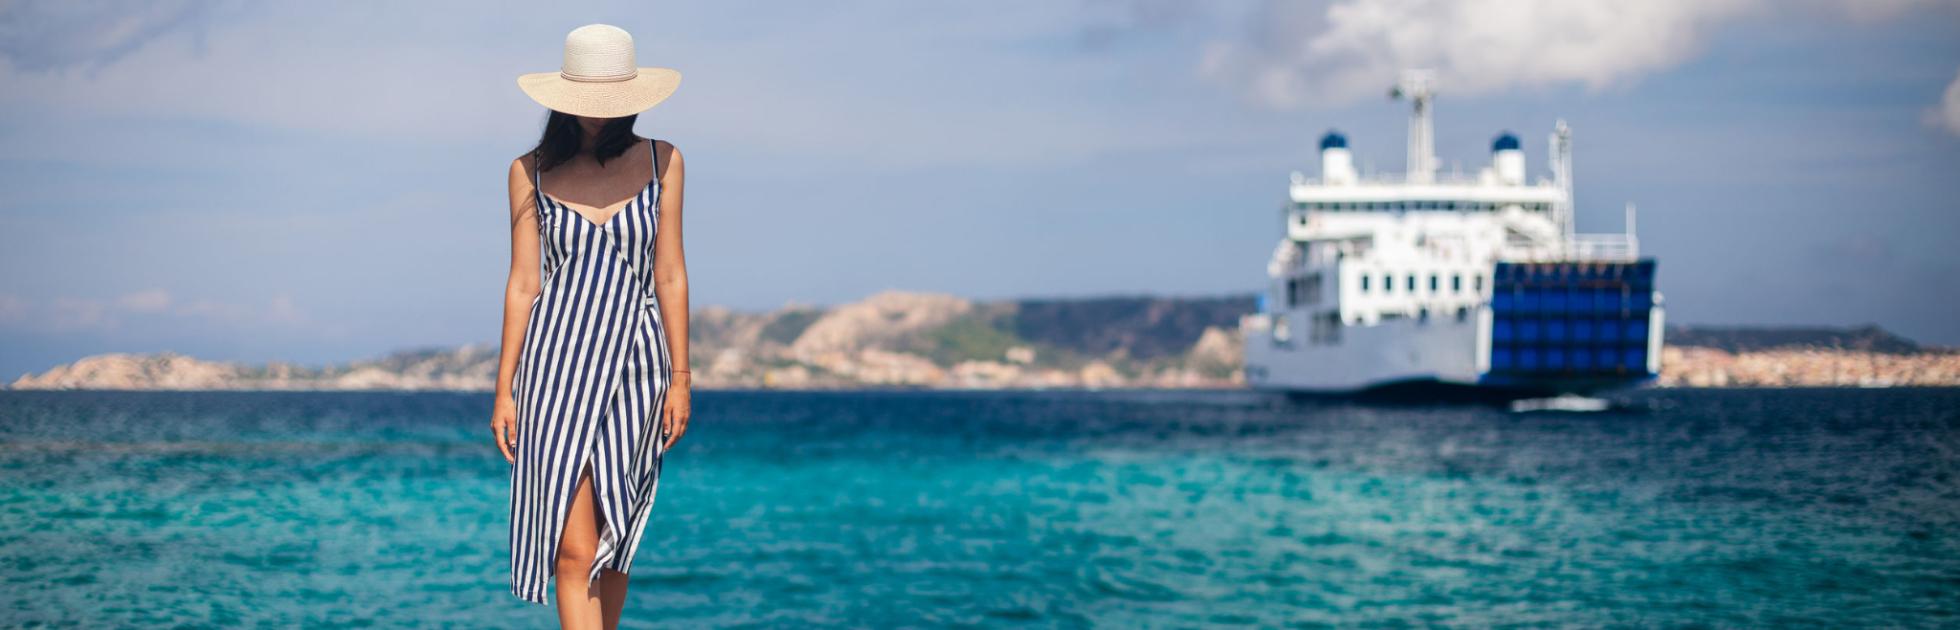 7 hôtels de rêve dans les îles de la Méditerranée